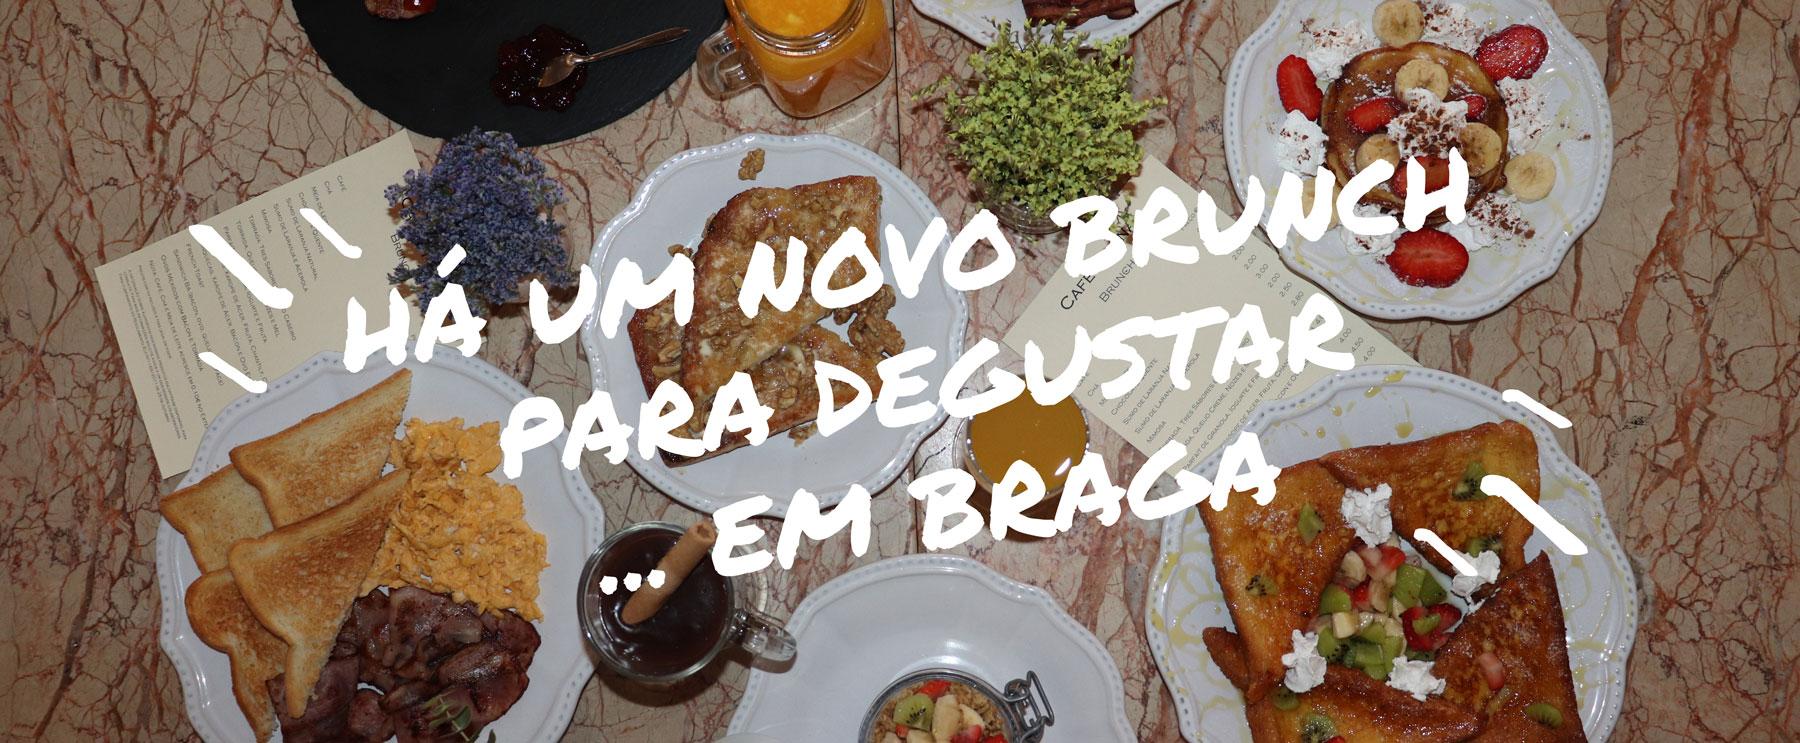 Há um novo brunch para degustar...em Braga!